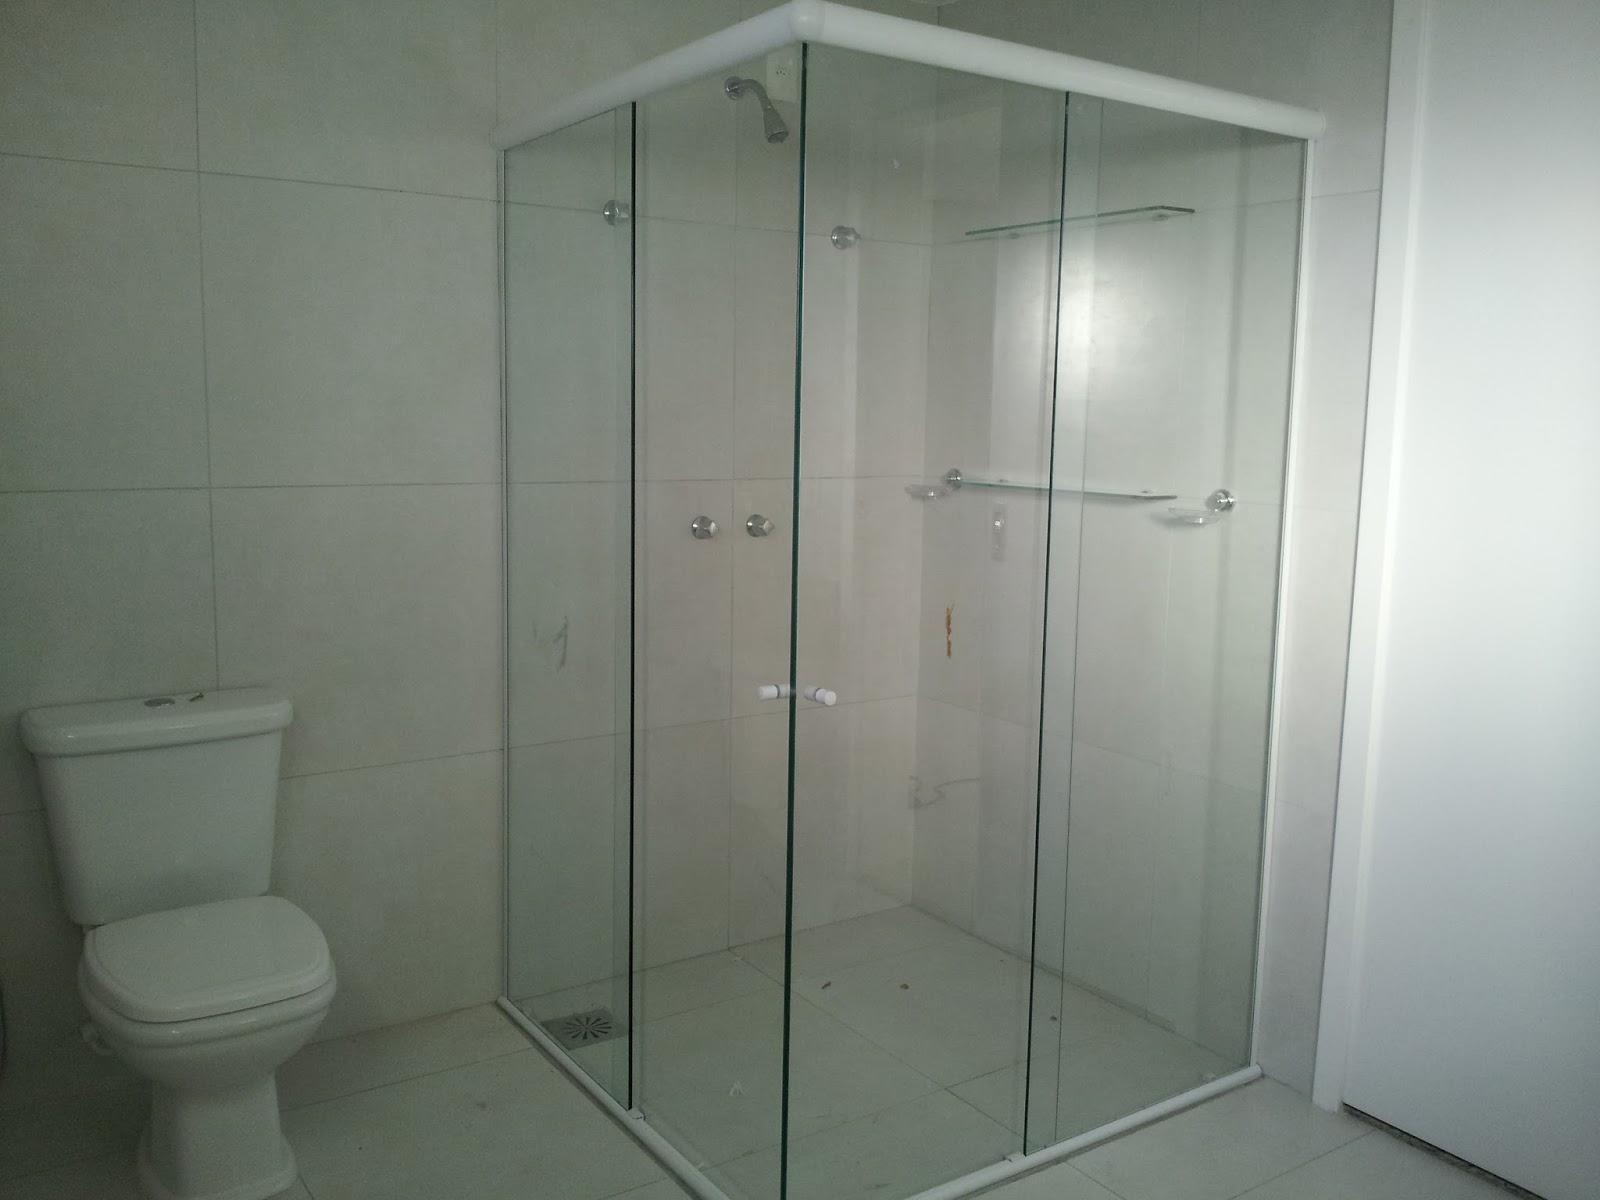 Imagens de #394035  VIDRAÇARIA : BOX DE VIDRO PARA BANHEIRO 15% DE DESCONTO EM FORTALEZA 1600x1200 px 2328 Box De Vidro Para Banheiro Campinas